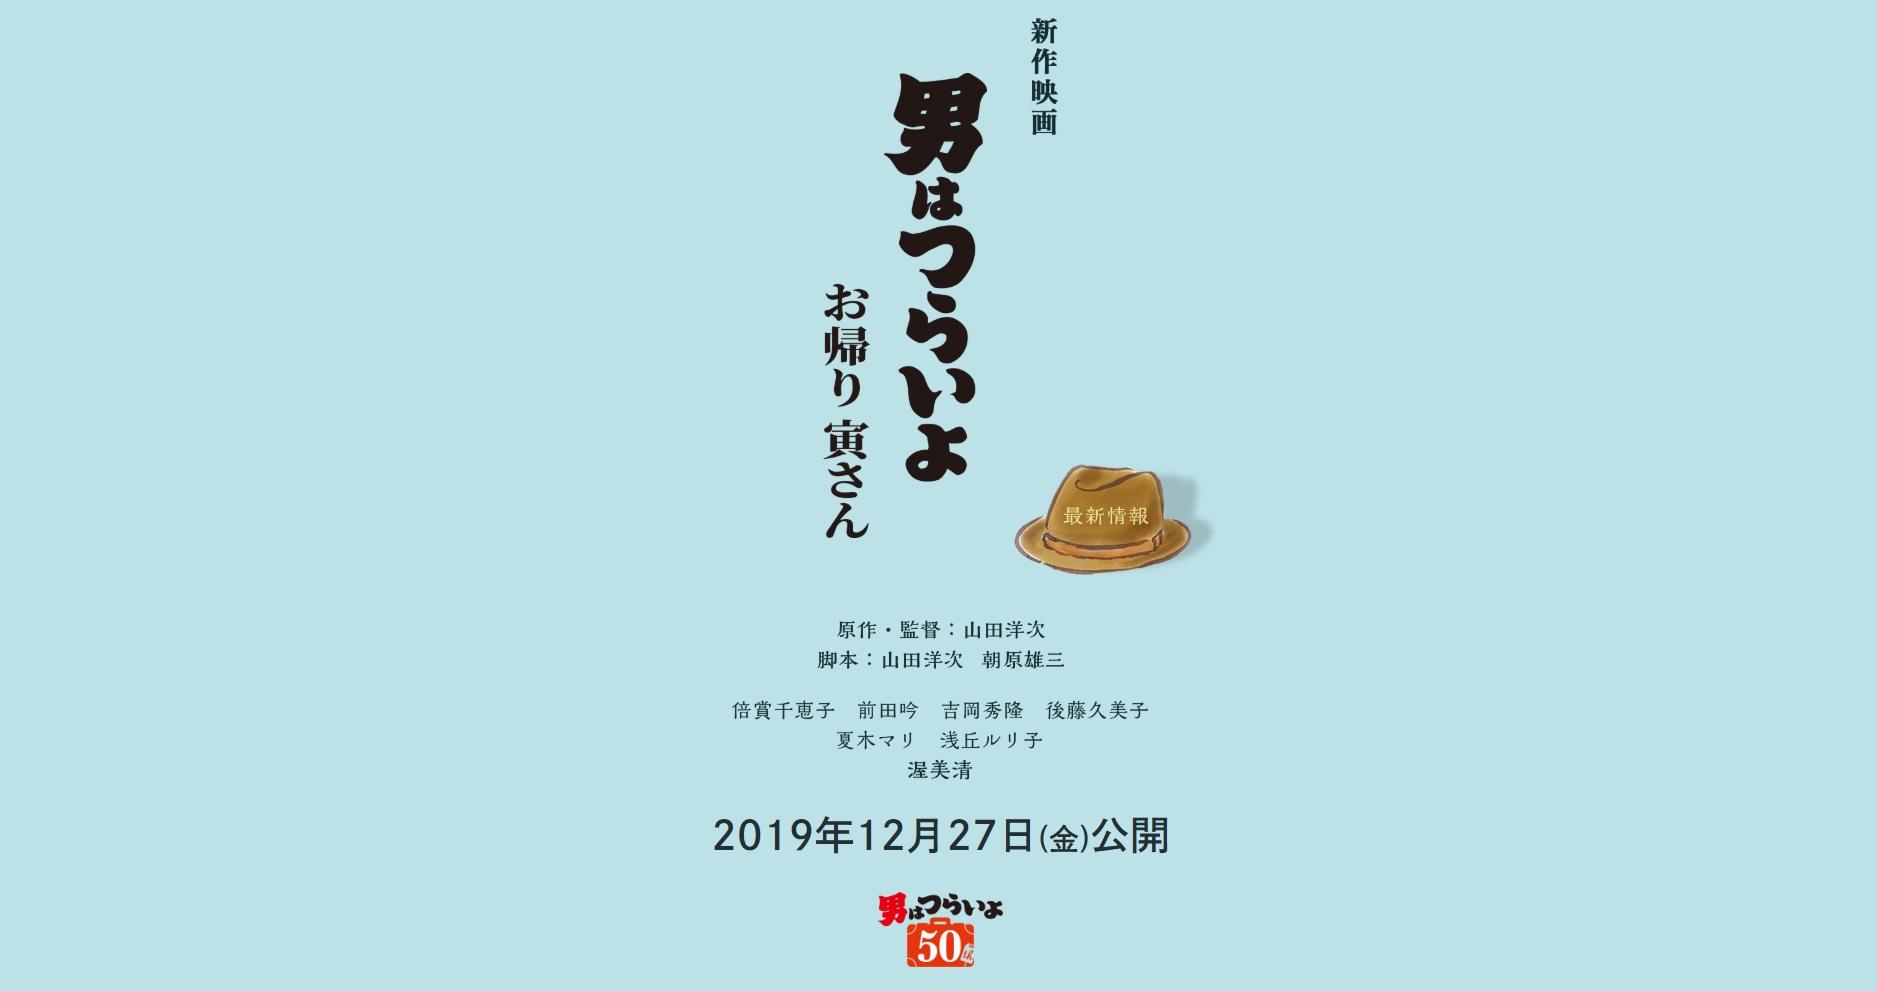 男はつらいよ 新作 第50作 ~お帰り寅さん~ 2019年12月27日(金)公開